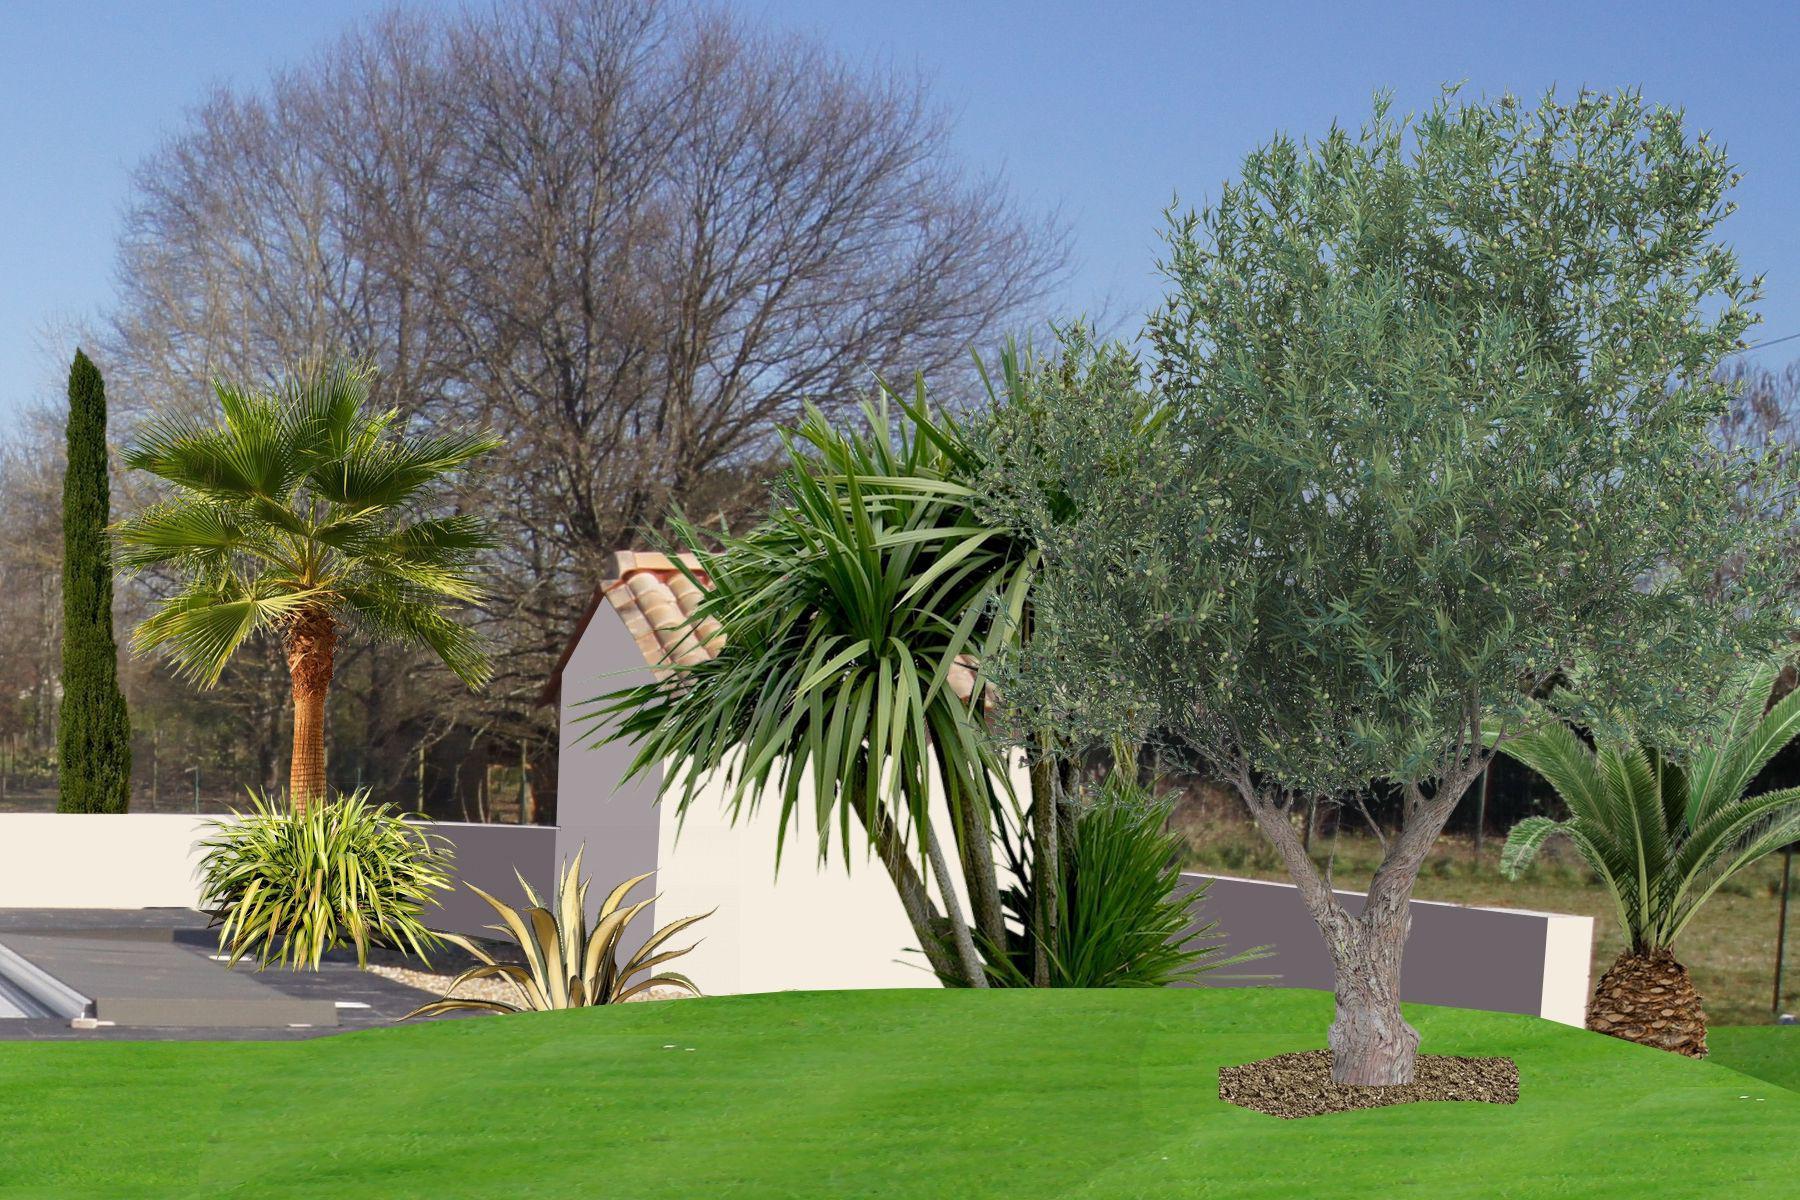 un air de mditerranen pour ce jardin autour dune piscine